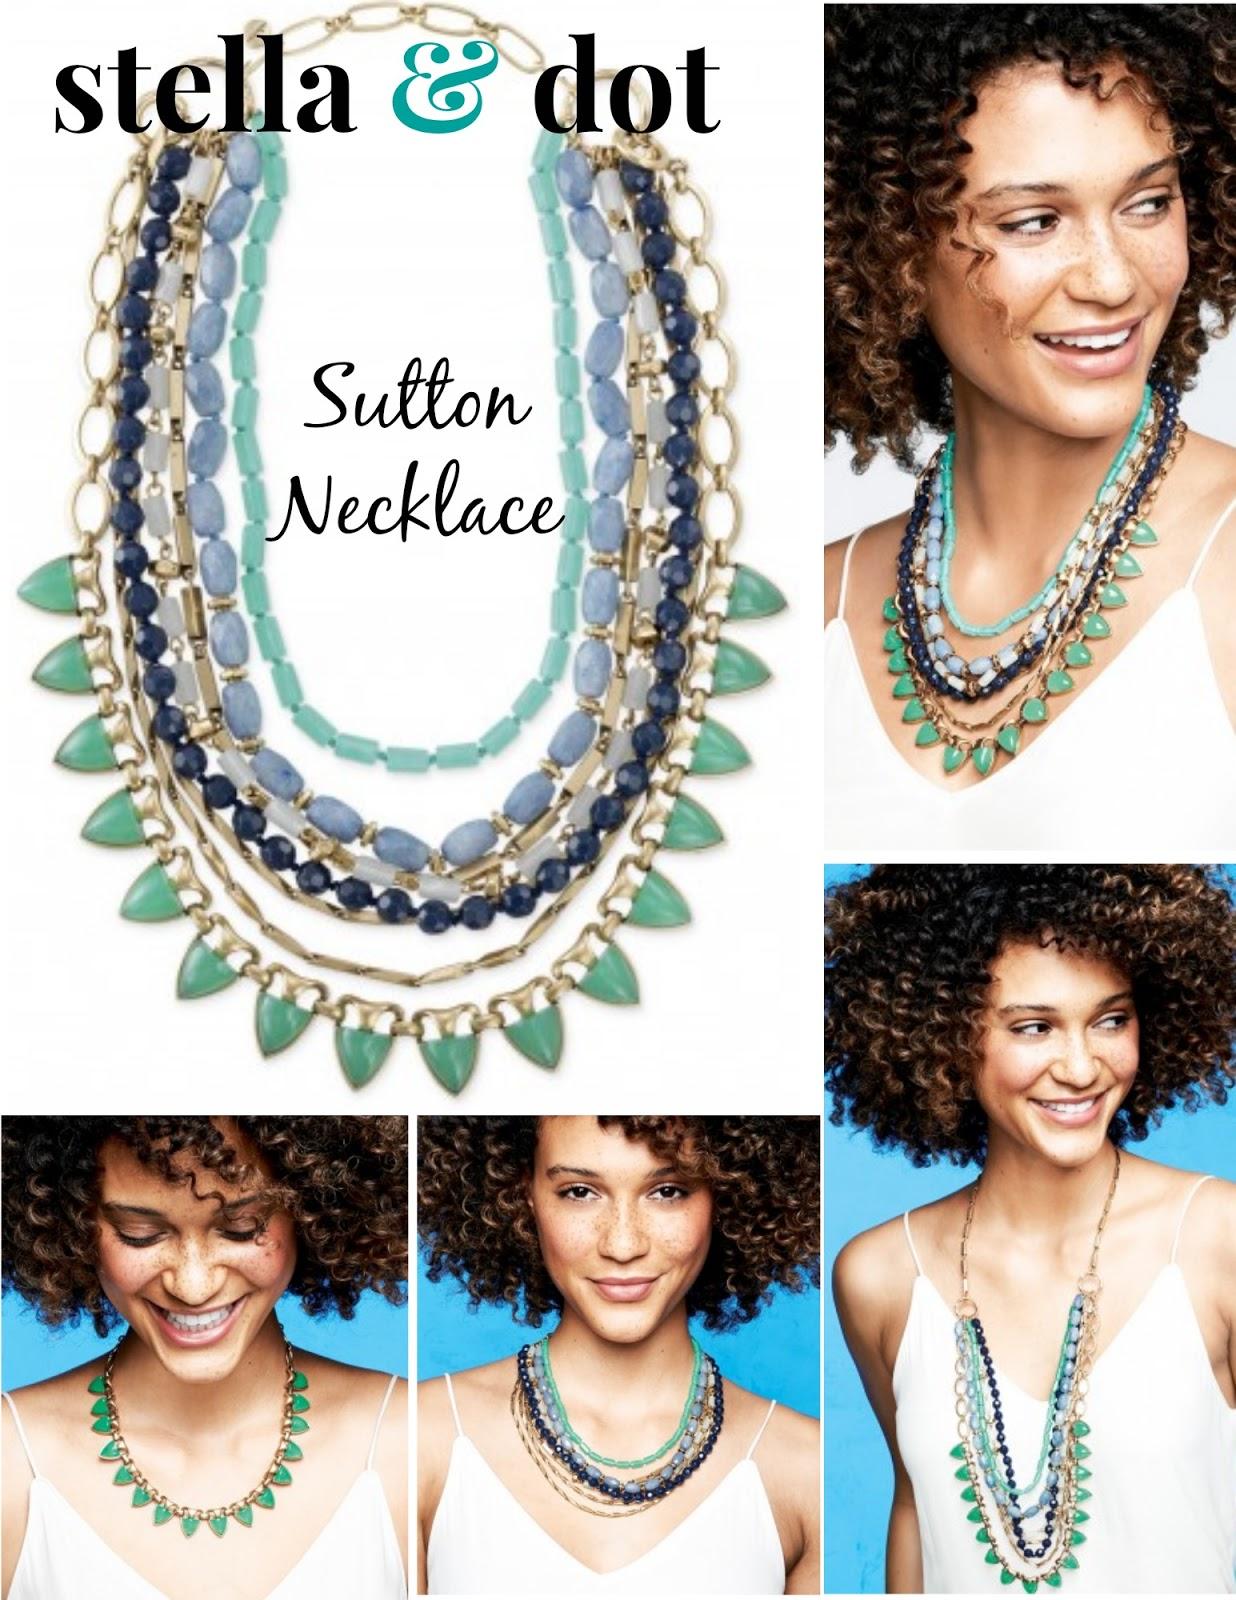 Stella & Dot a révolutionné la Vente à Domicile de bijoux (par